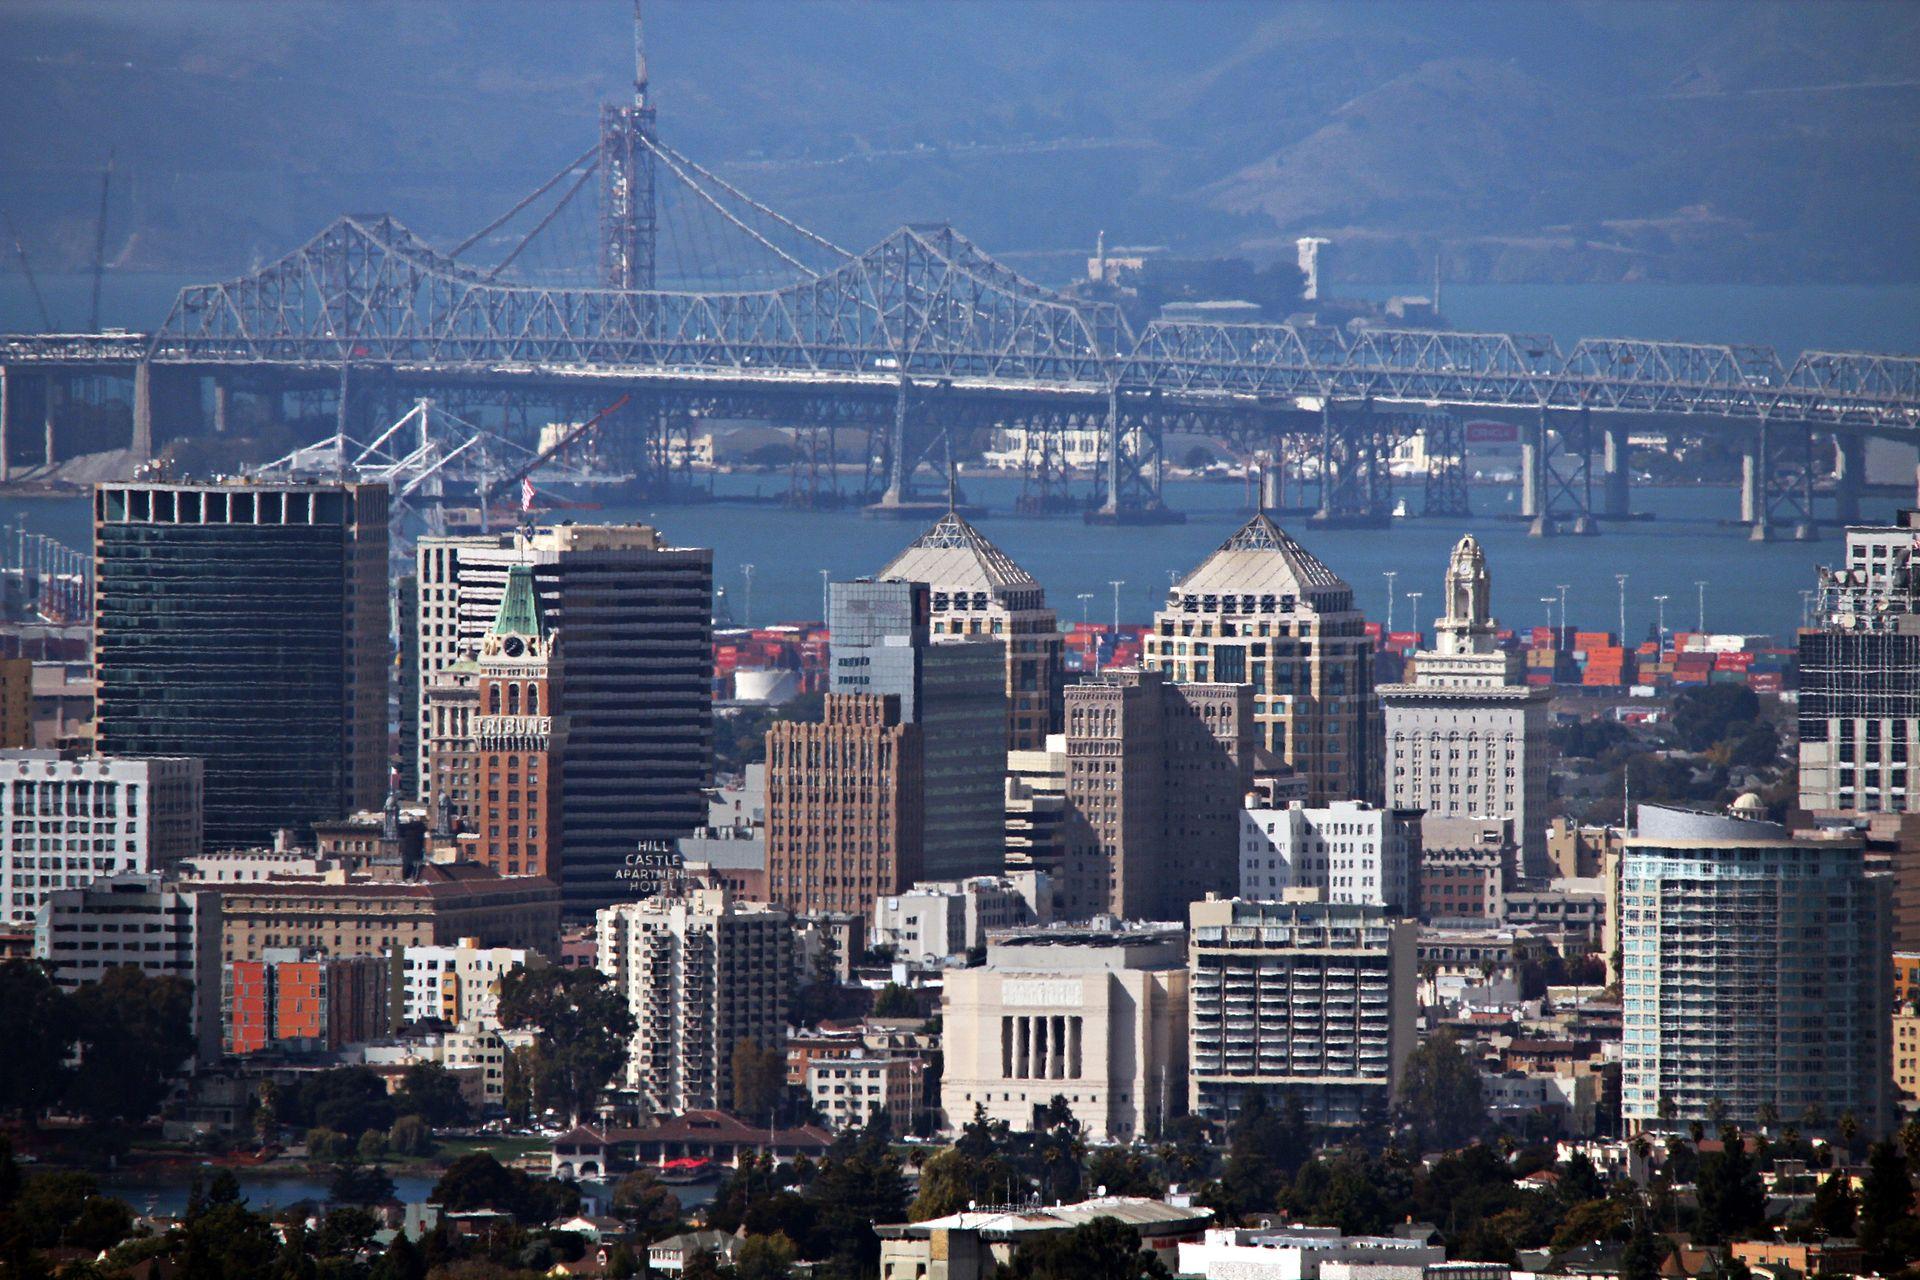 OAKLAND,_CA,_USA_-_Skyline_and_Bridge